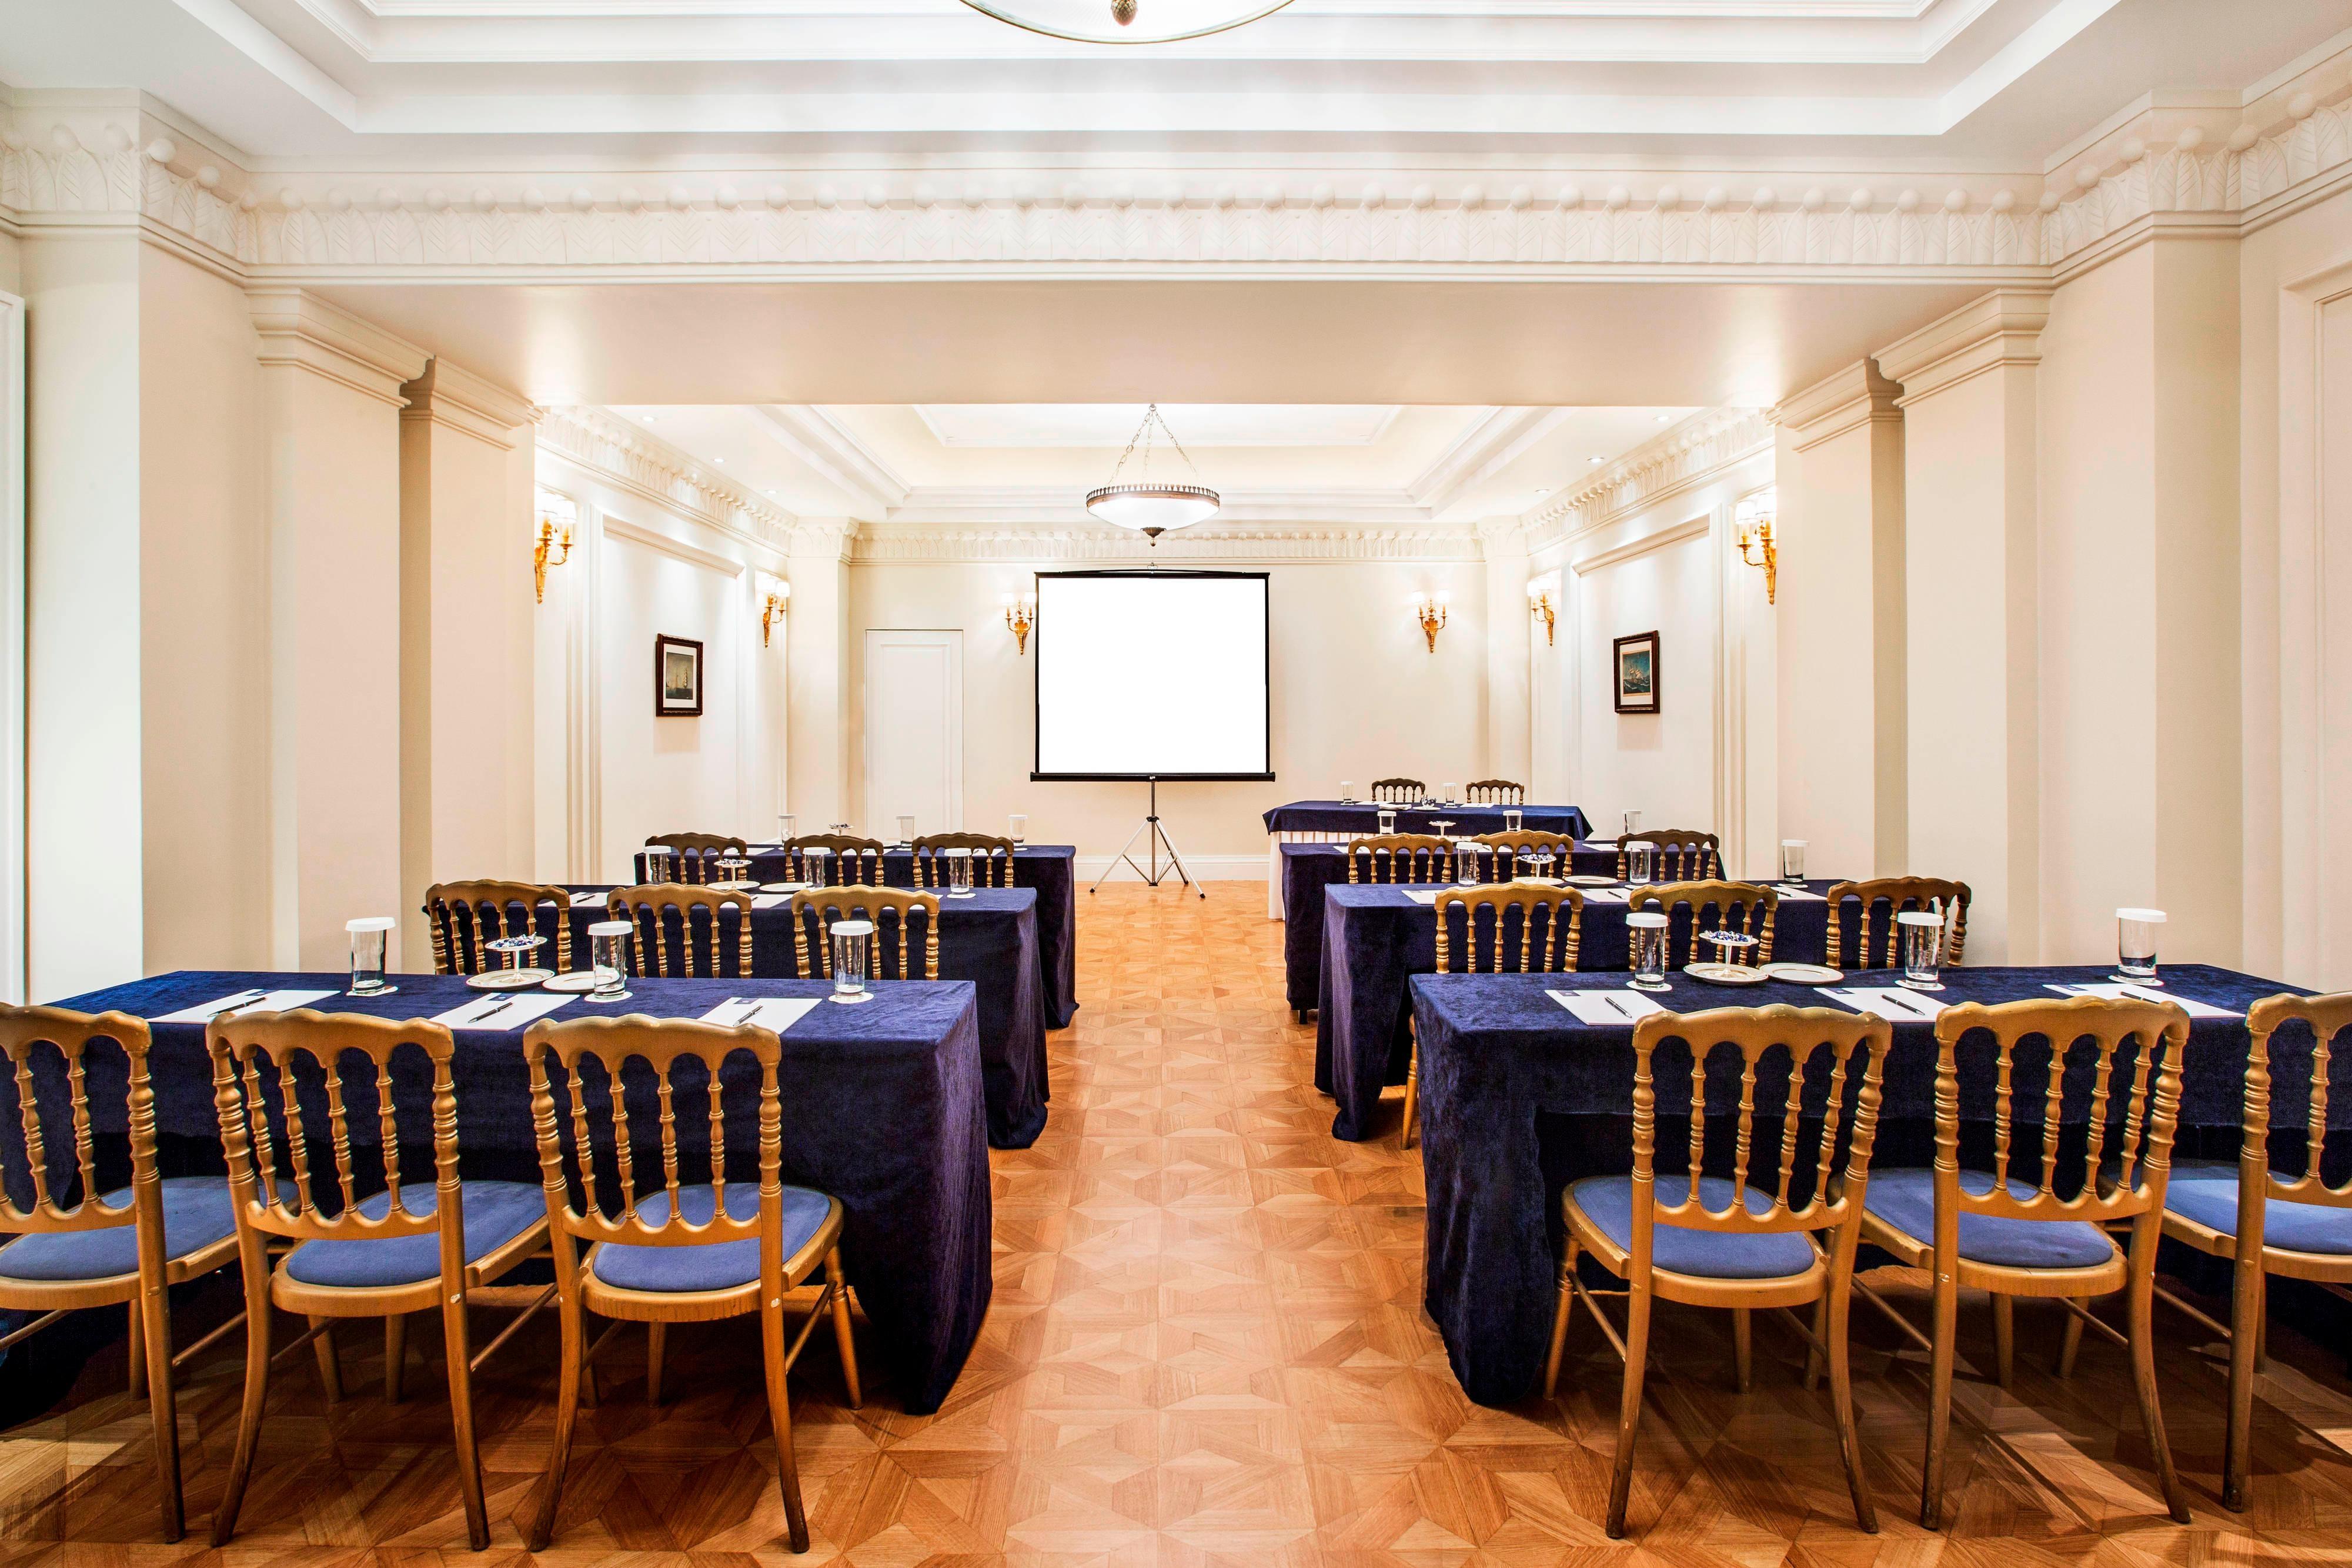 Boardroom - Classroom